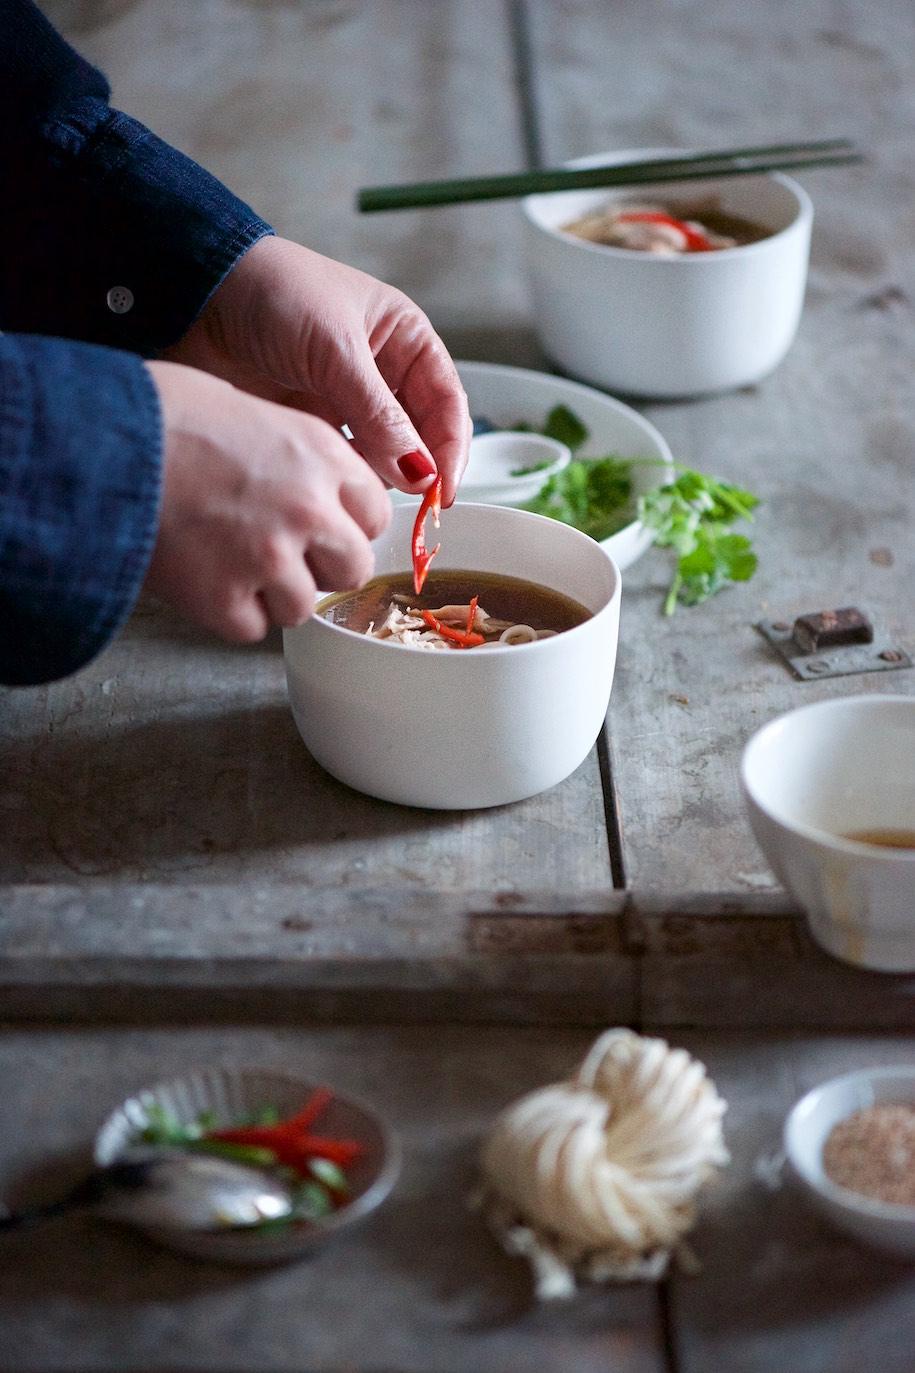 ciotola di noodles, pollo e brodo con due mani che stanno appoggiando del peperoncino